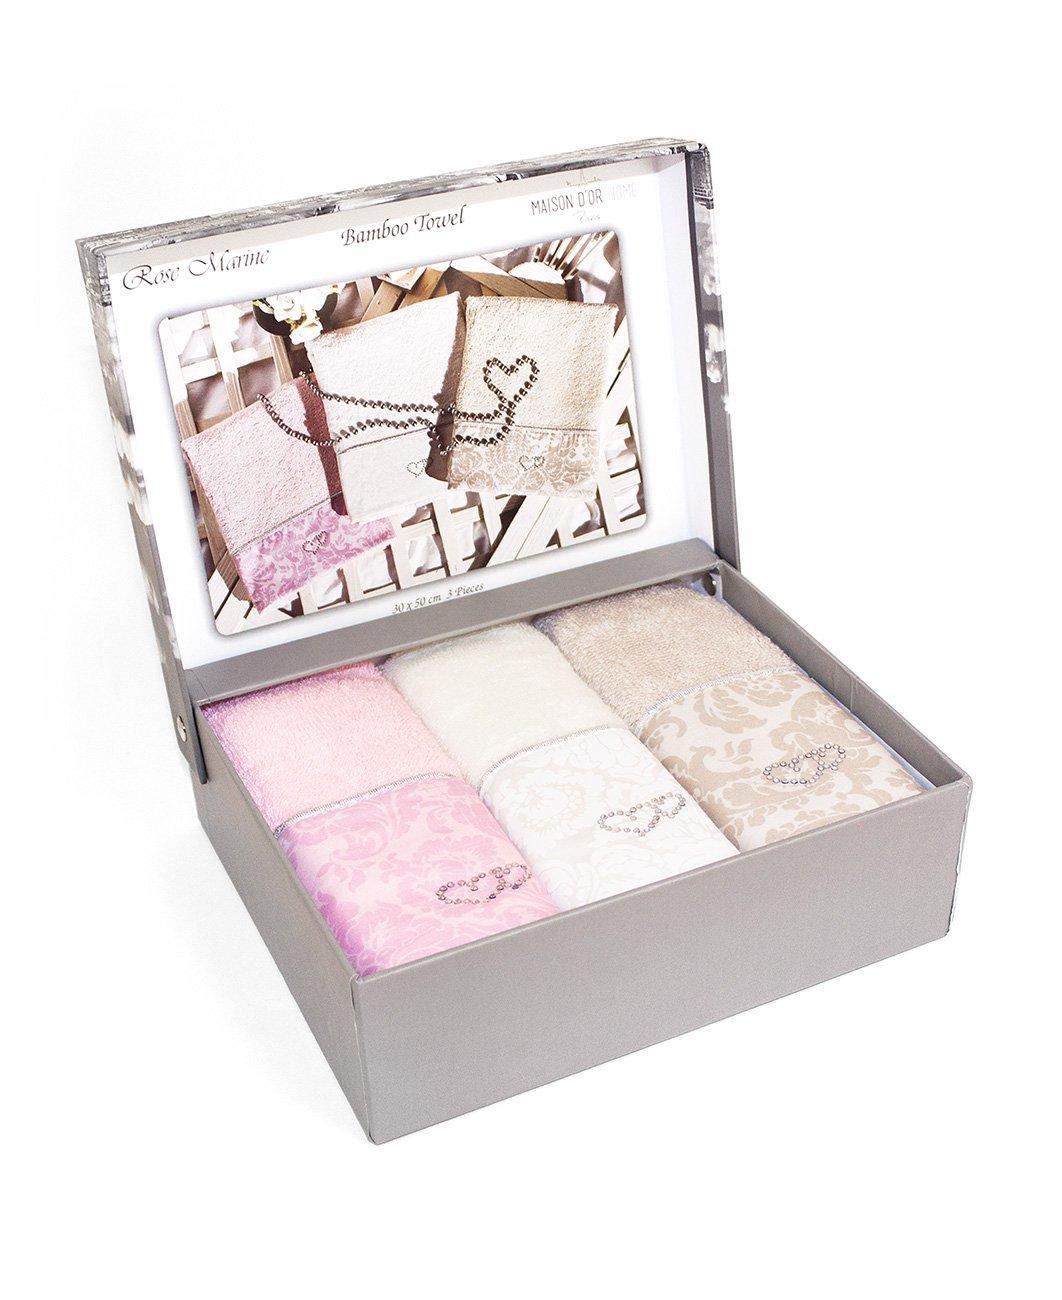 Комплект полотенец Rose marine (30x50 3шт) Maison dor